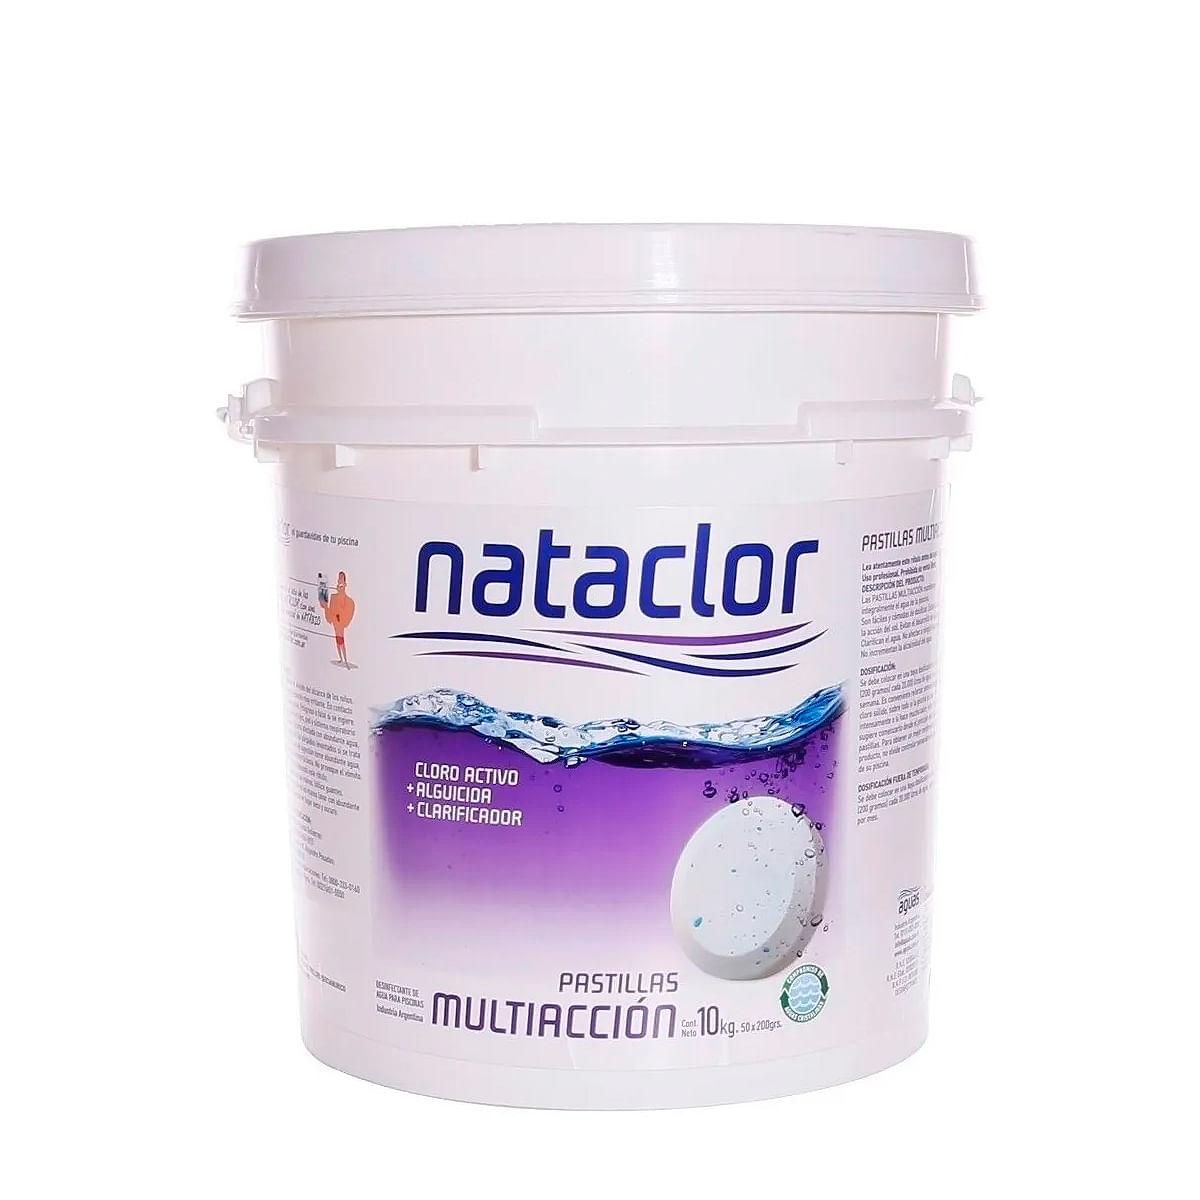 nataclor-pastillas-multiaccion